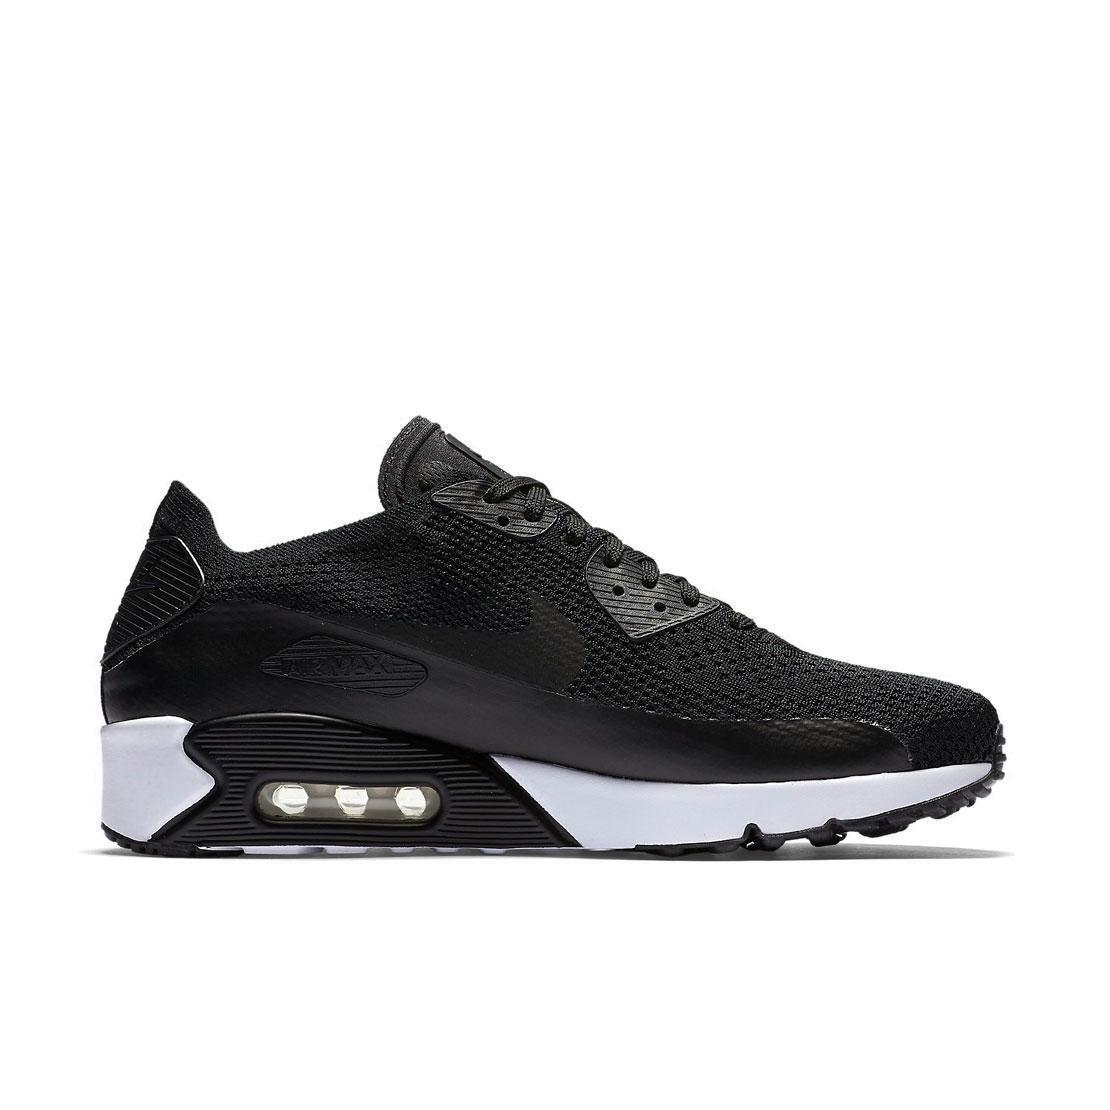 Nike air huarache zapatillas 318429-003 premio 97 classico nero blanco